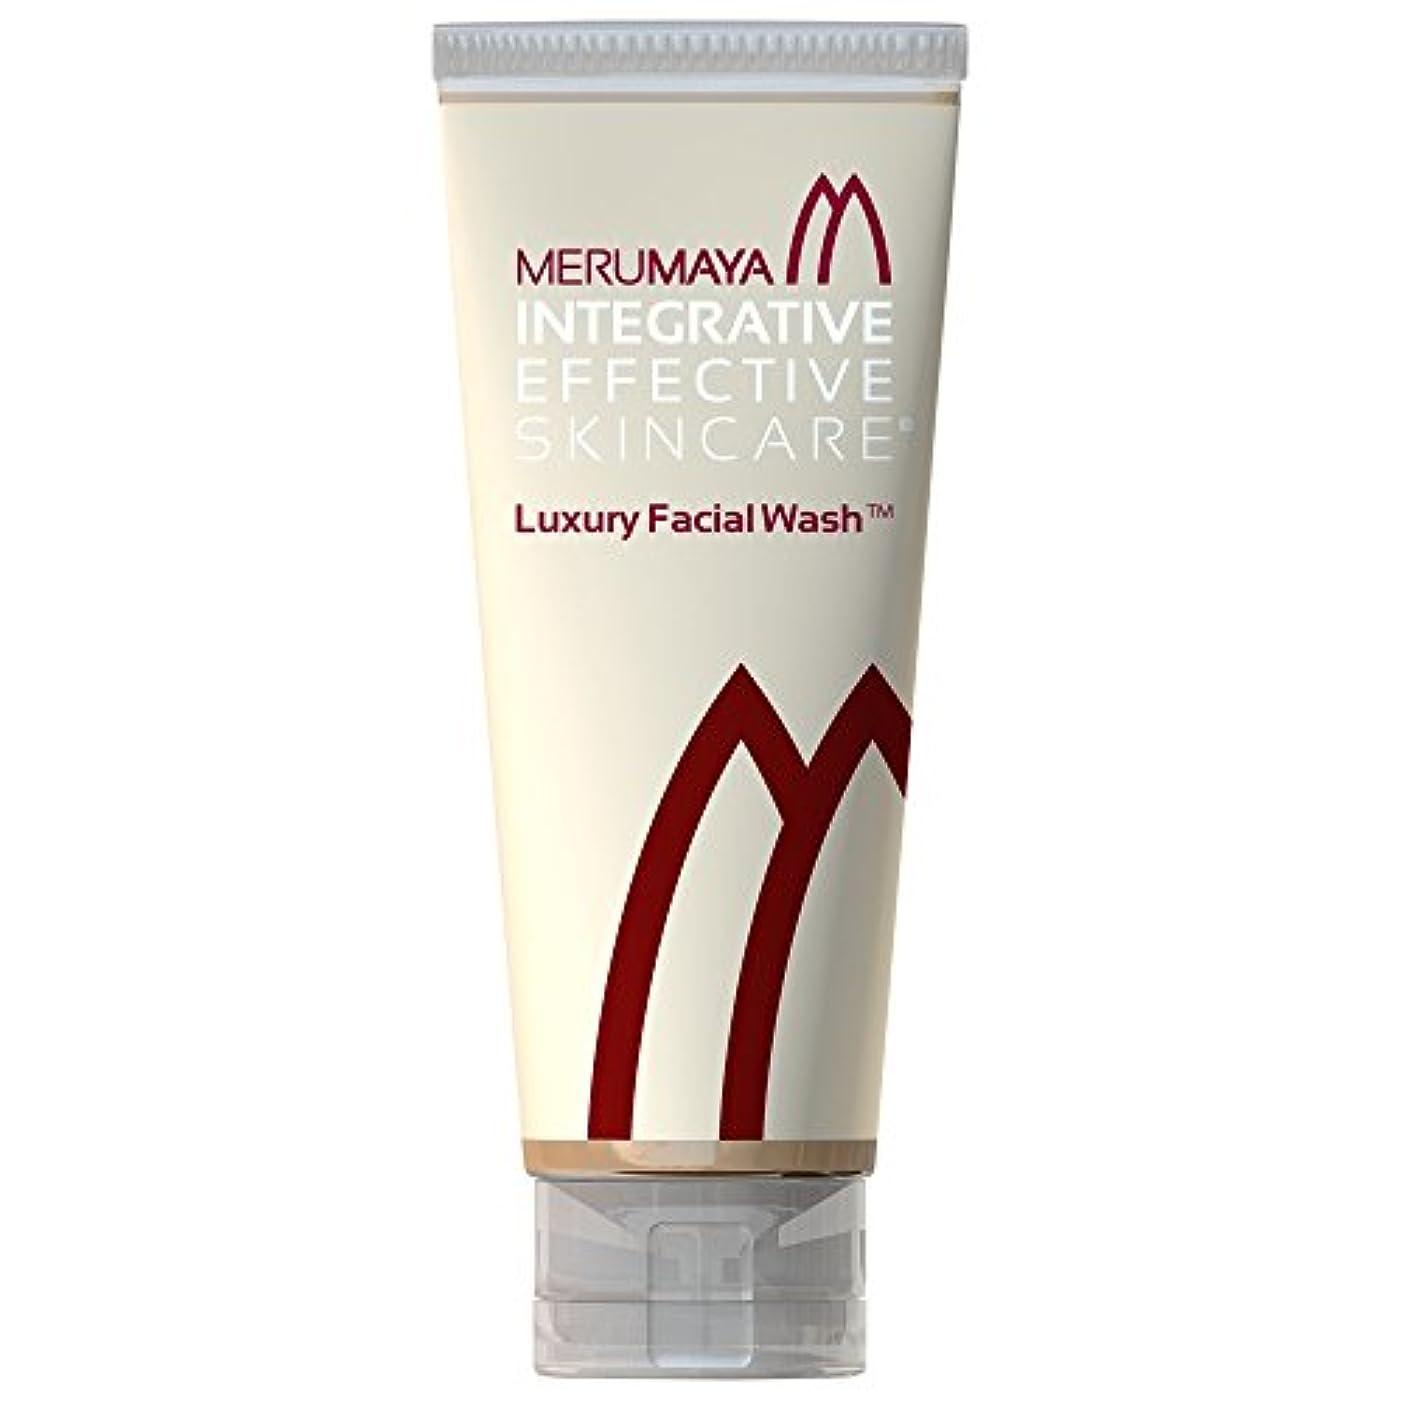 裏切り救急車カウントアップMerumaya高級洗顔?、100ミリリットル (Merumaya) (x6) - MERUMAYA Luxury Facial Wash?, 100ml (Pack of 6) [並行輸入品]